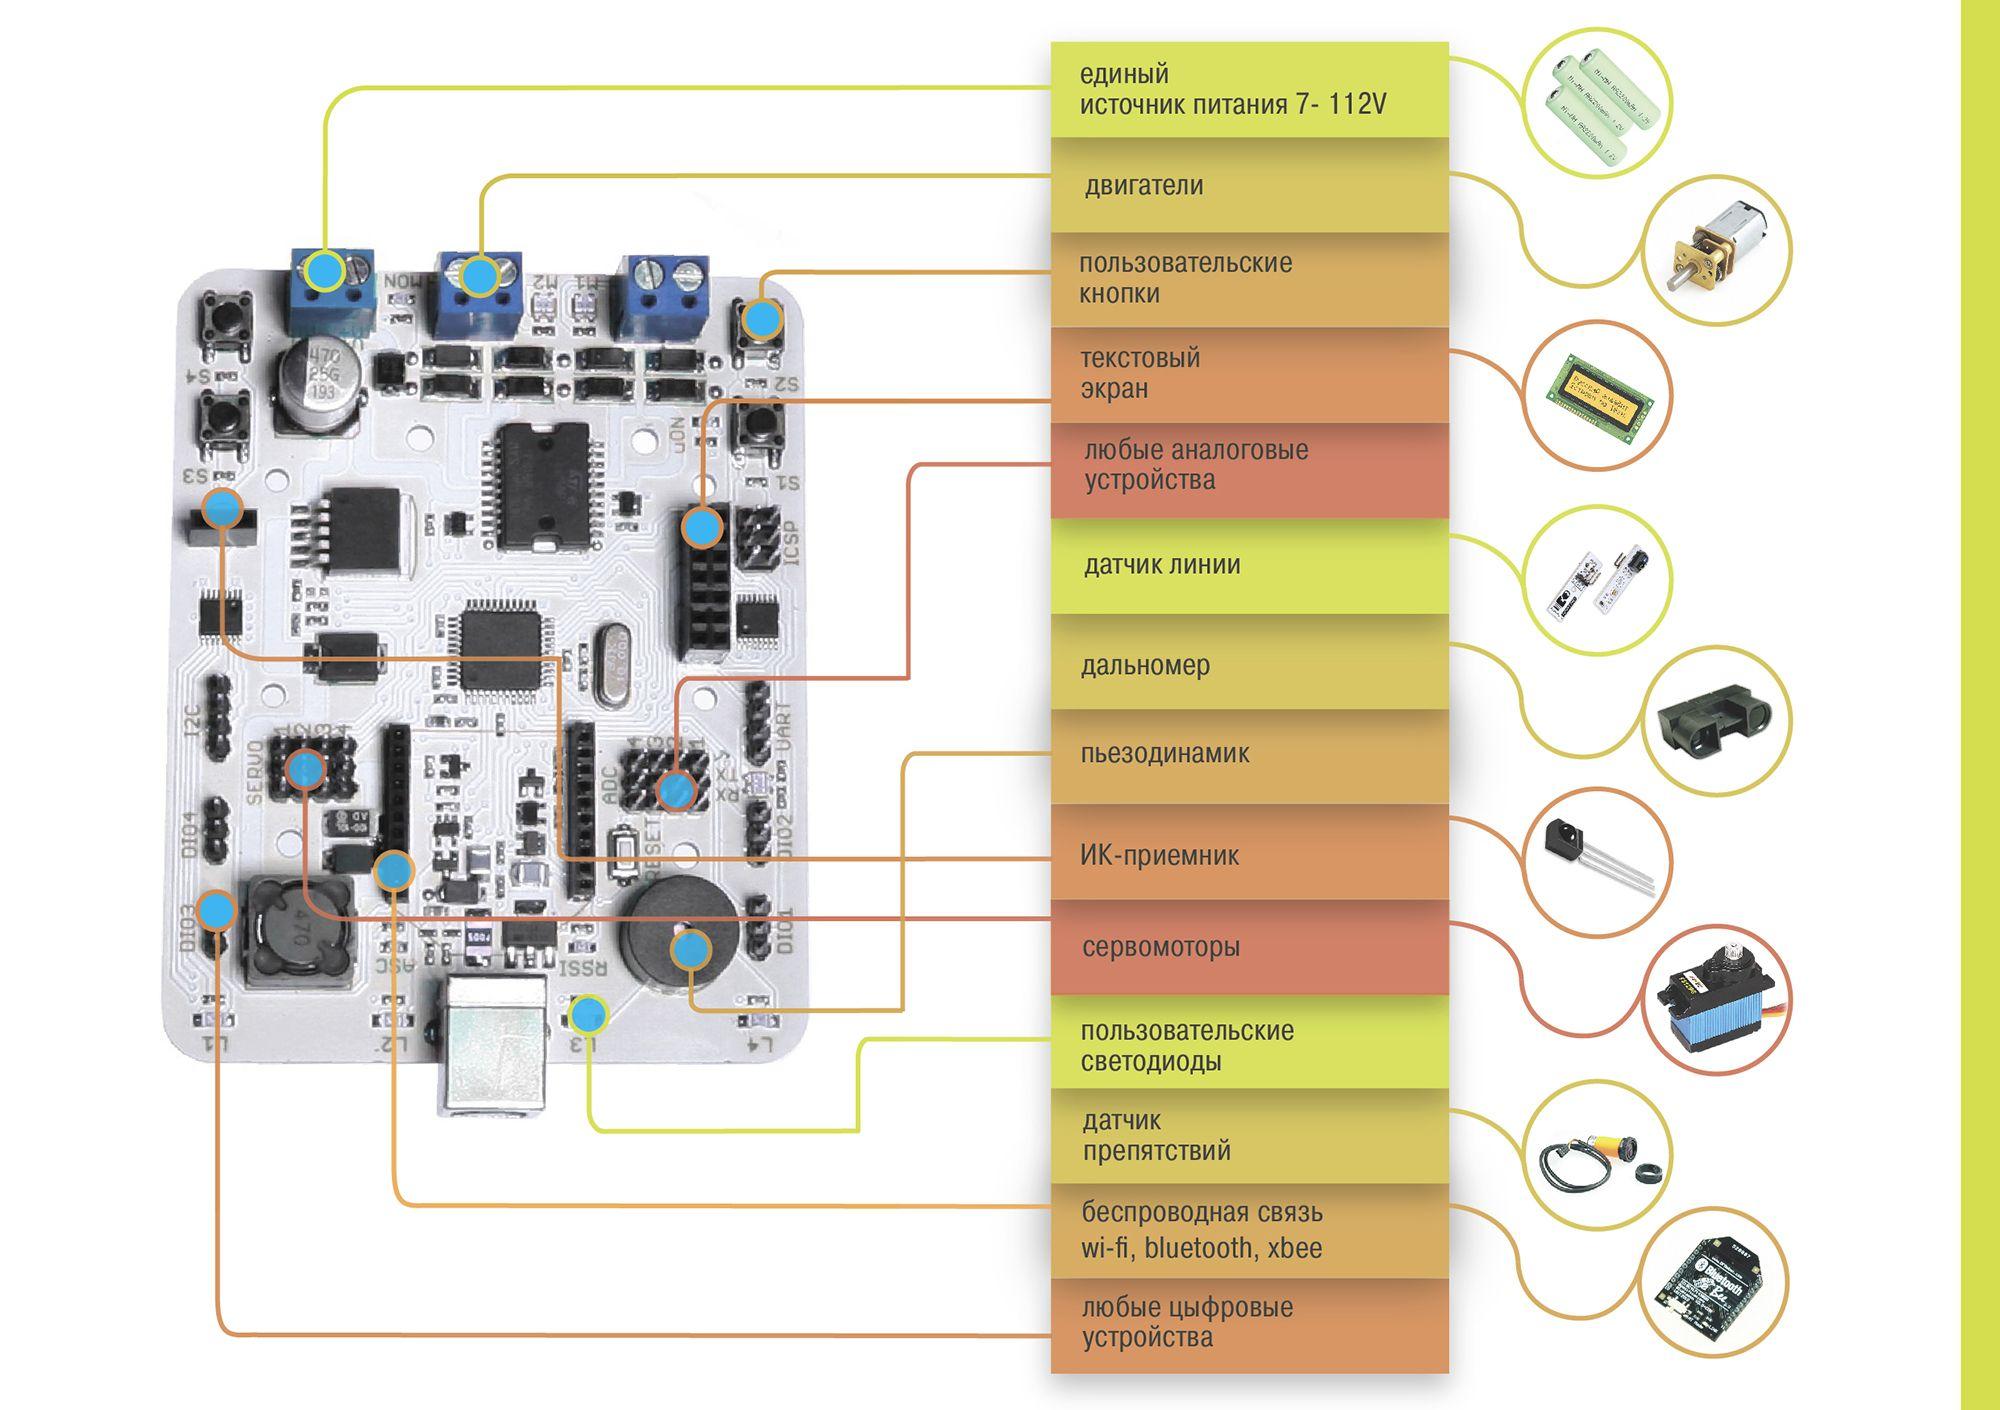 Дизайн-верстка изображения для листовки - дизайнер in-cogito